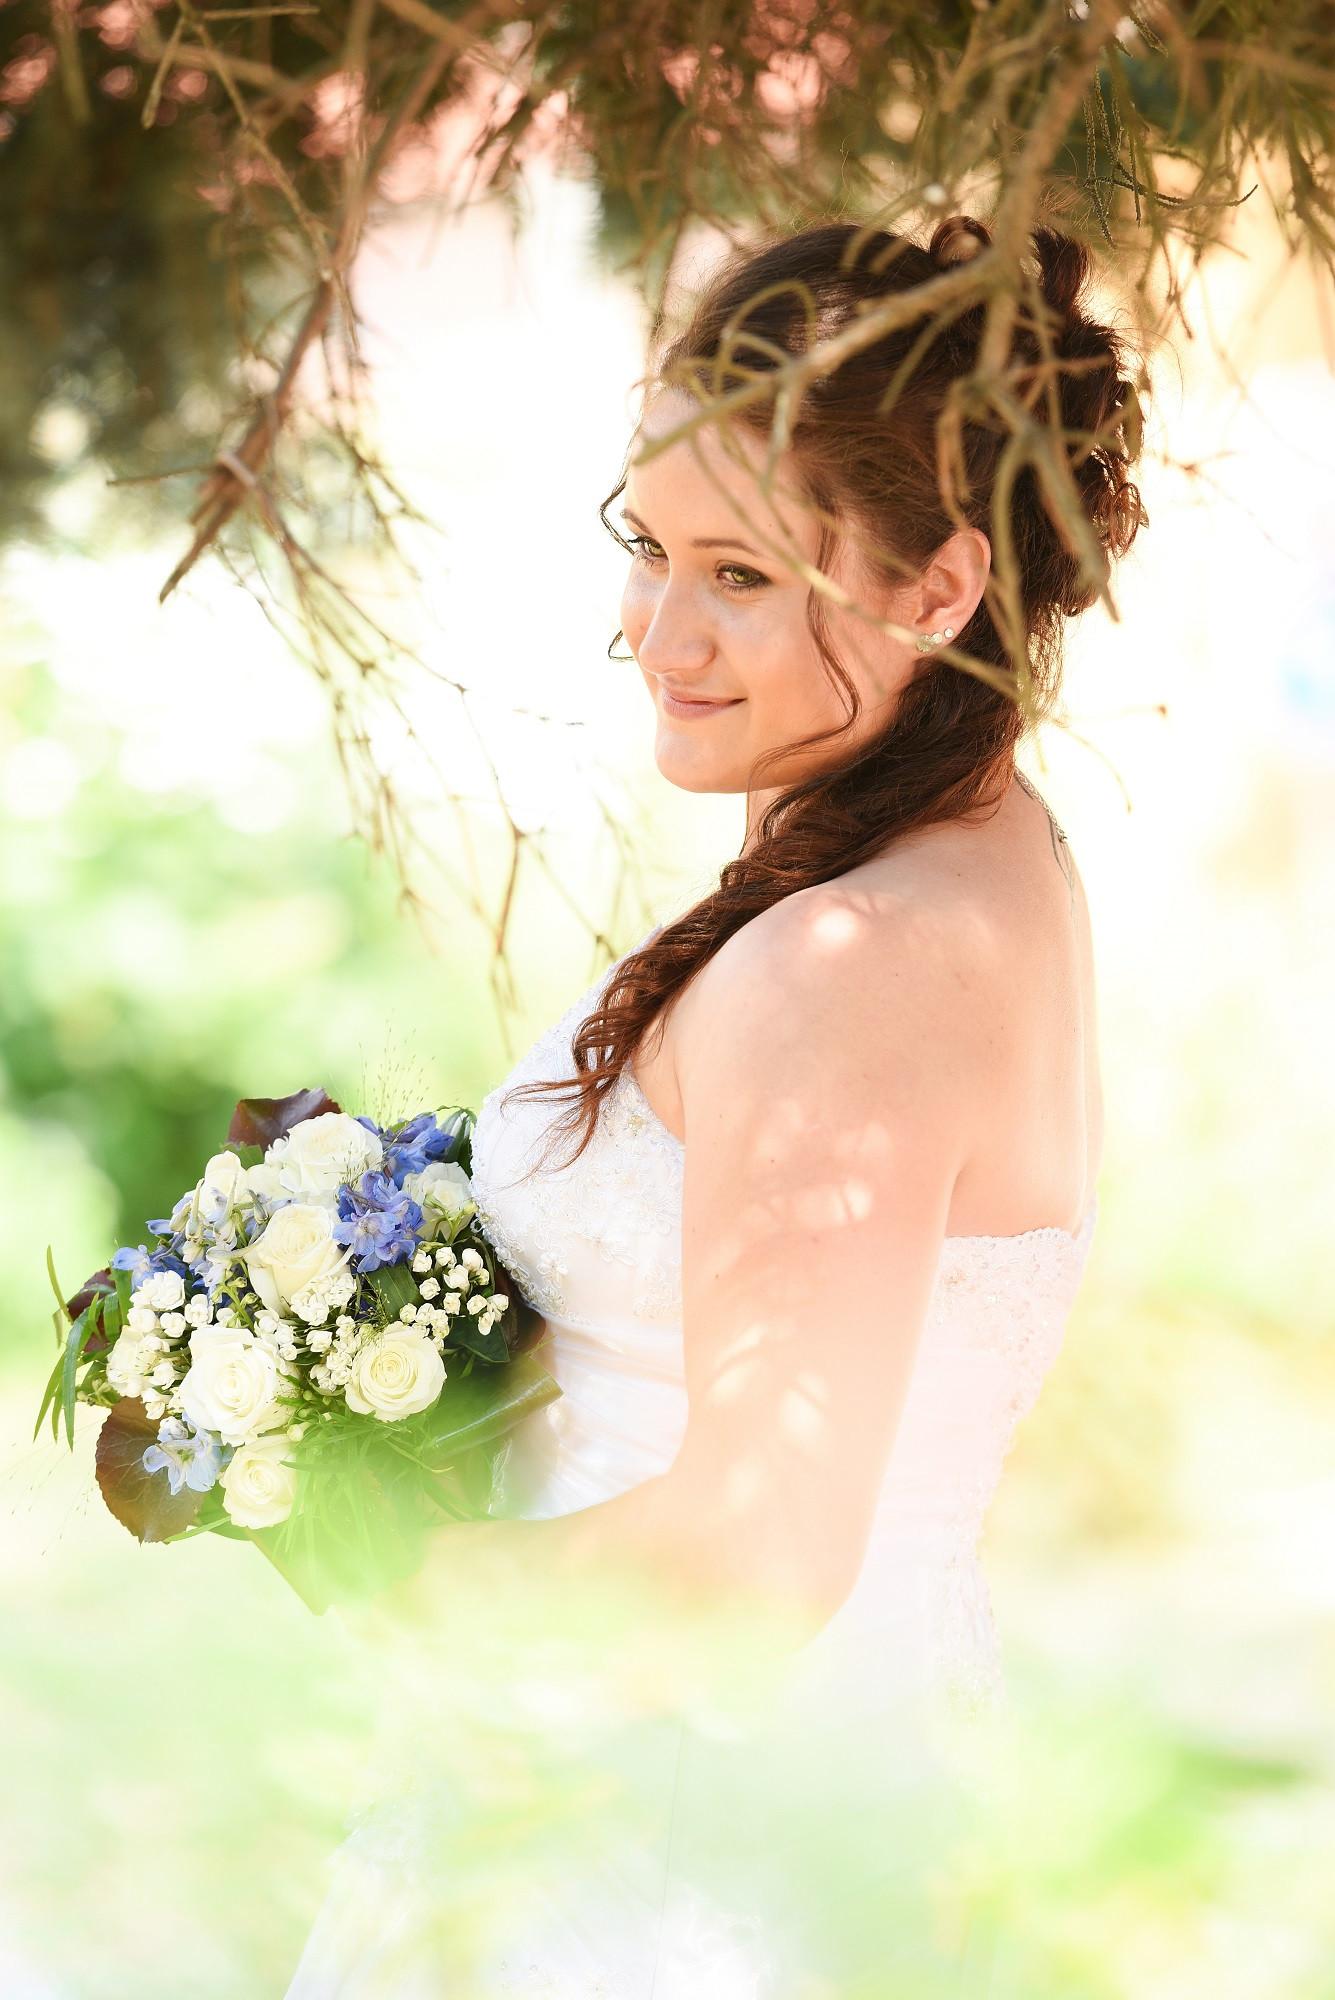 Wettin Heiraten Herzensbilder Fotografie Hochzeit